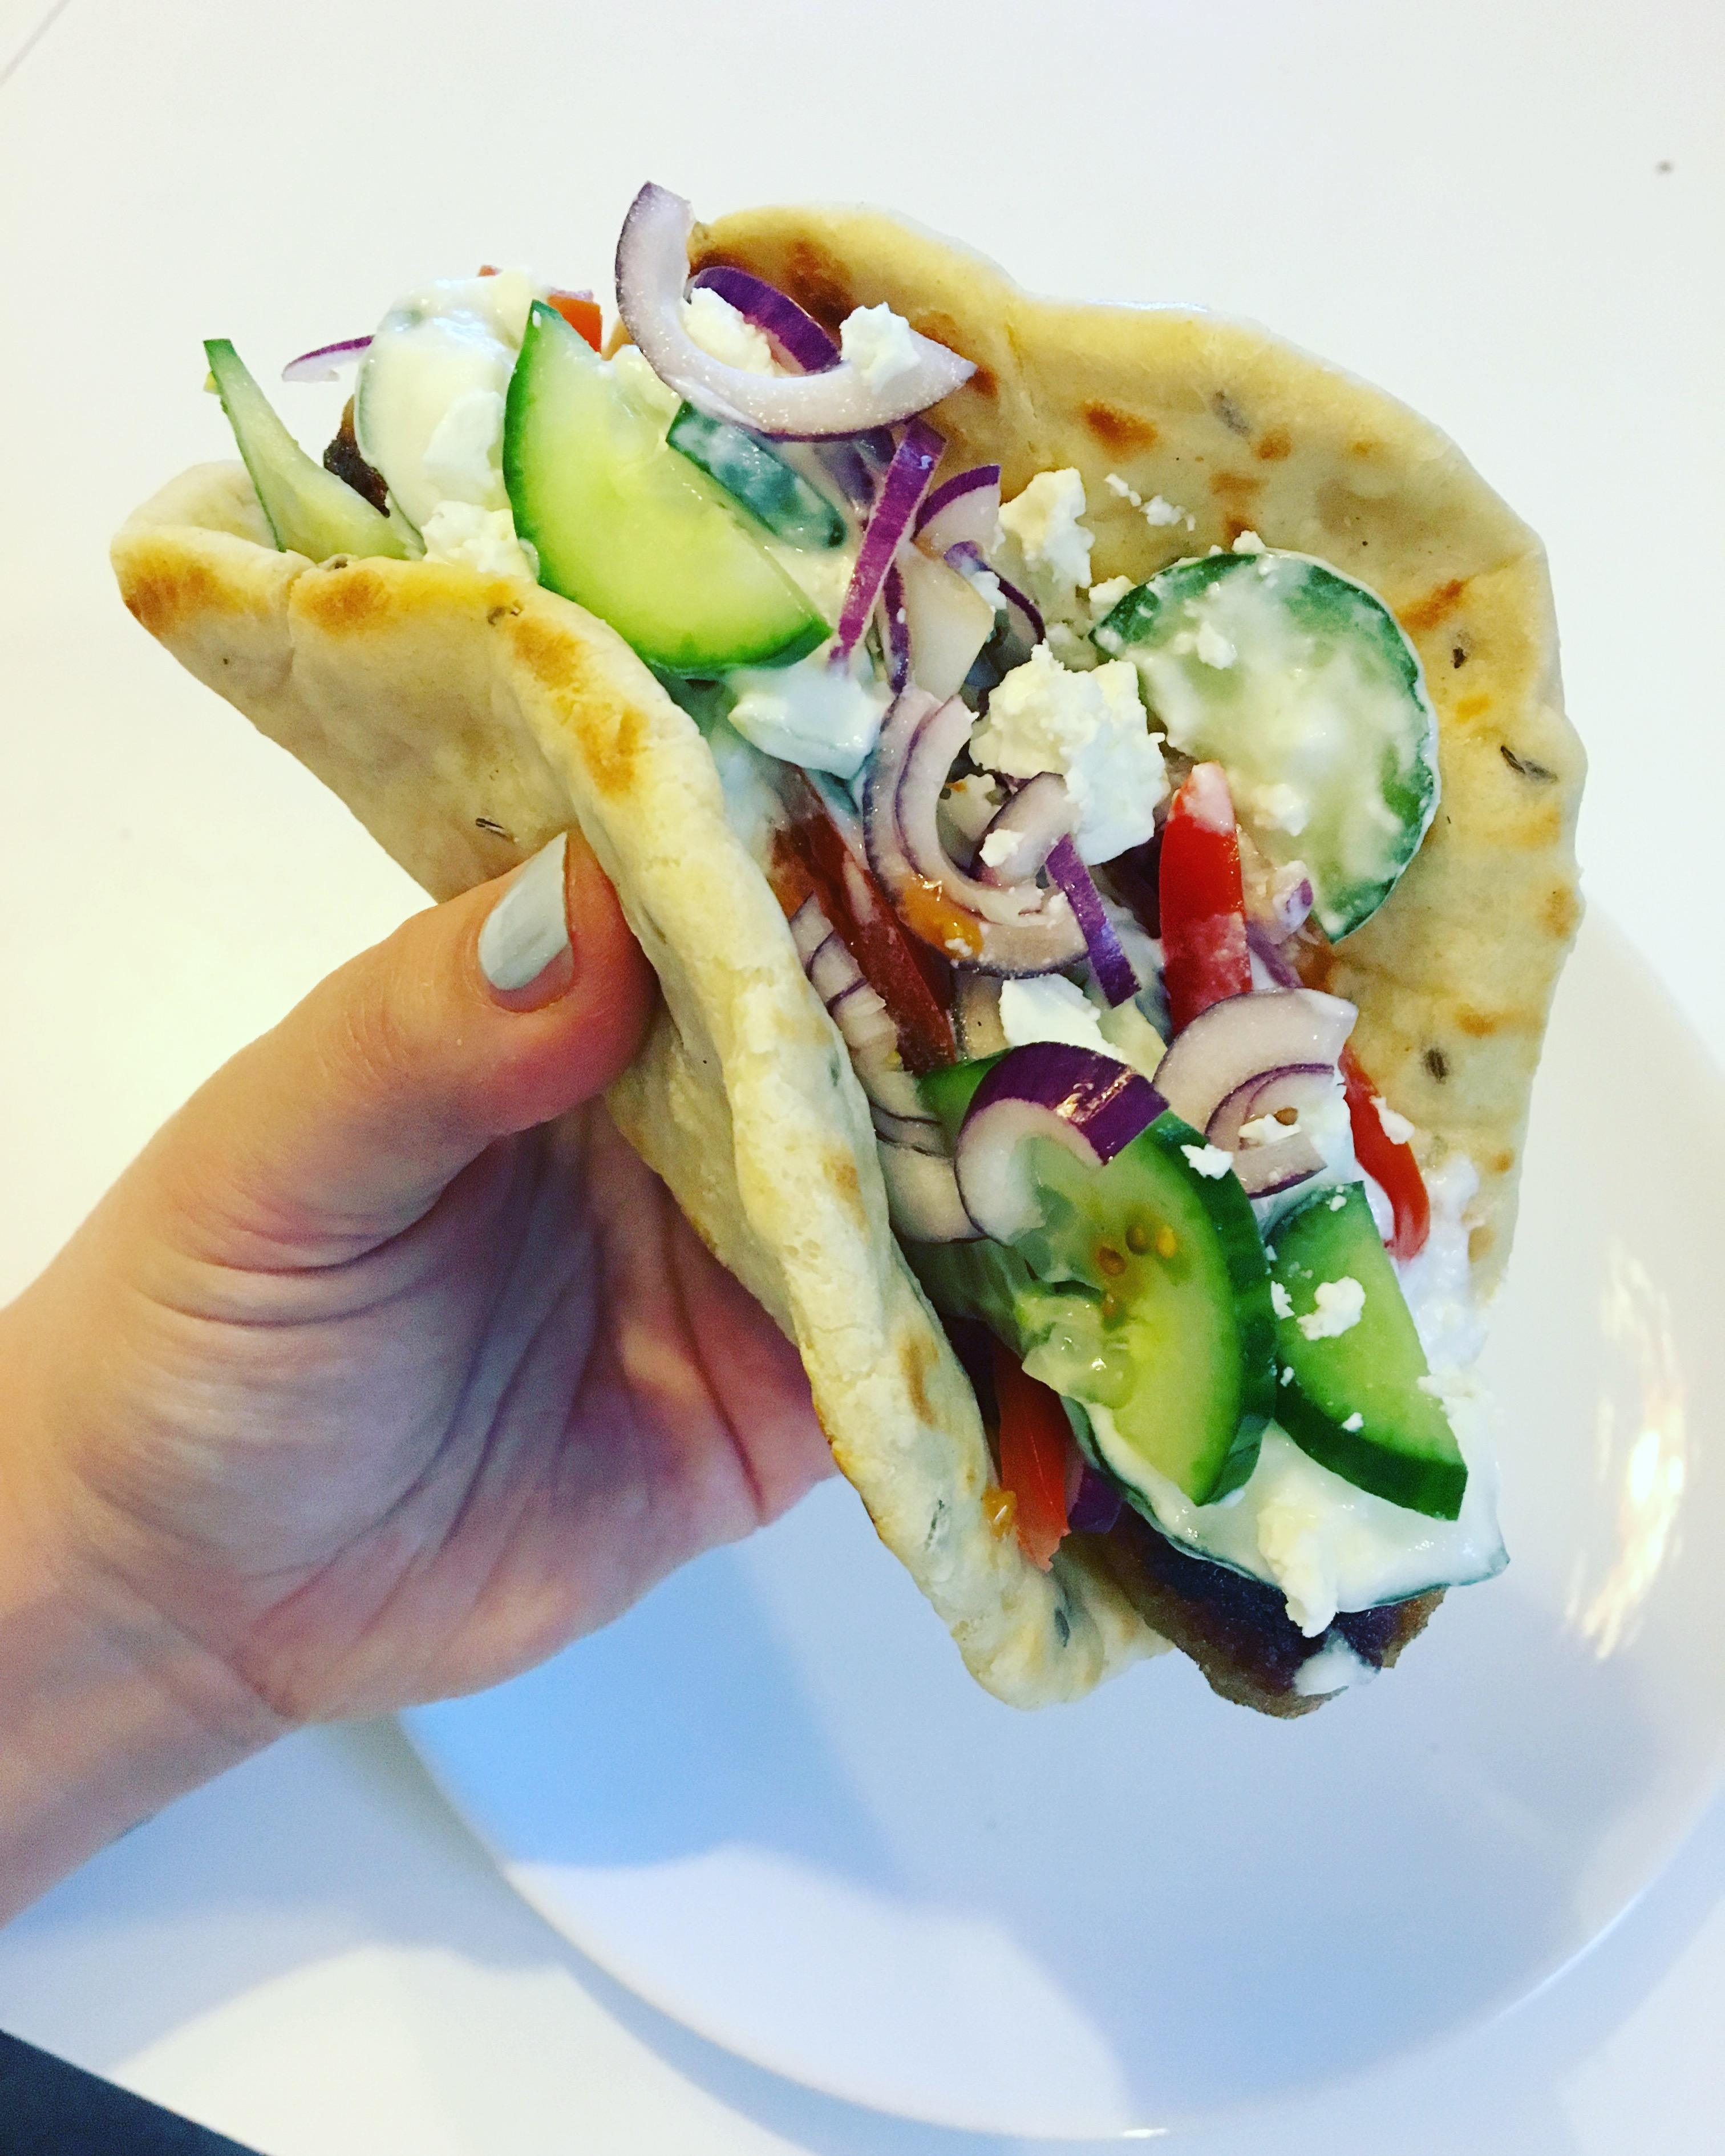 Grieks platbrood met kippengehakt en groente